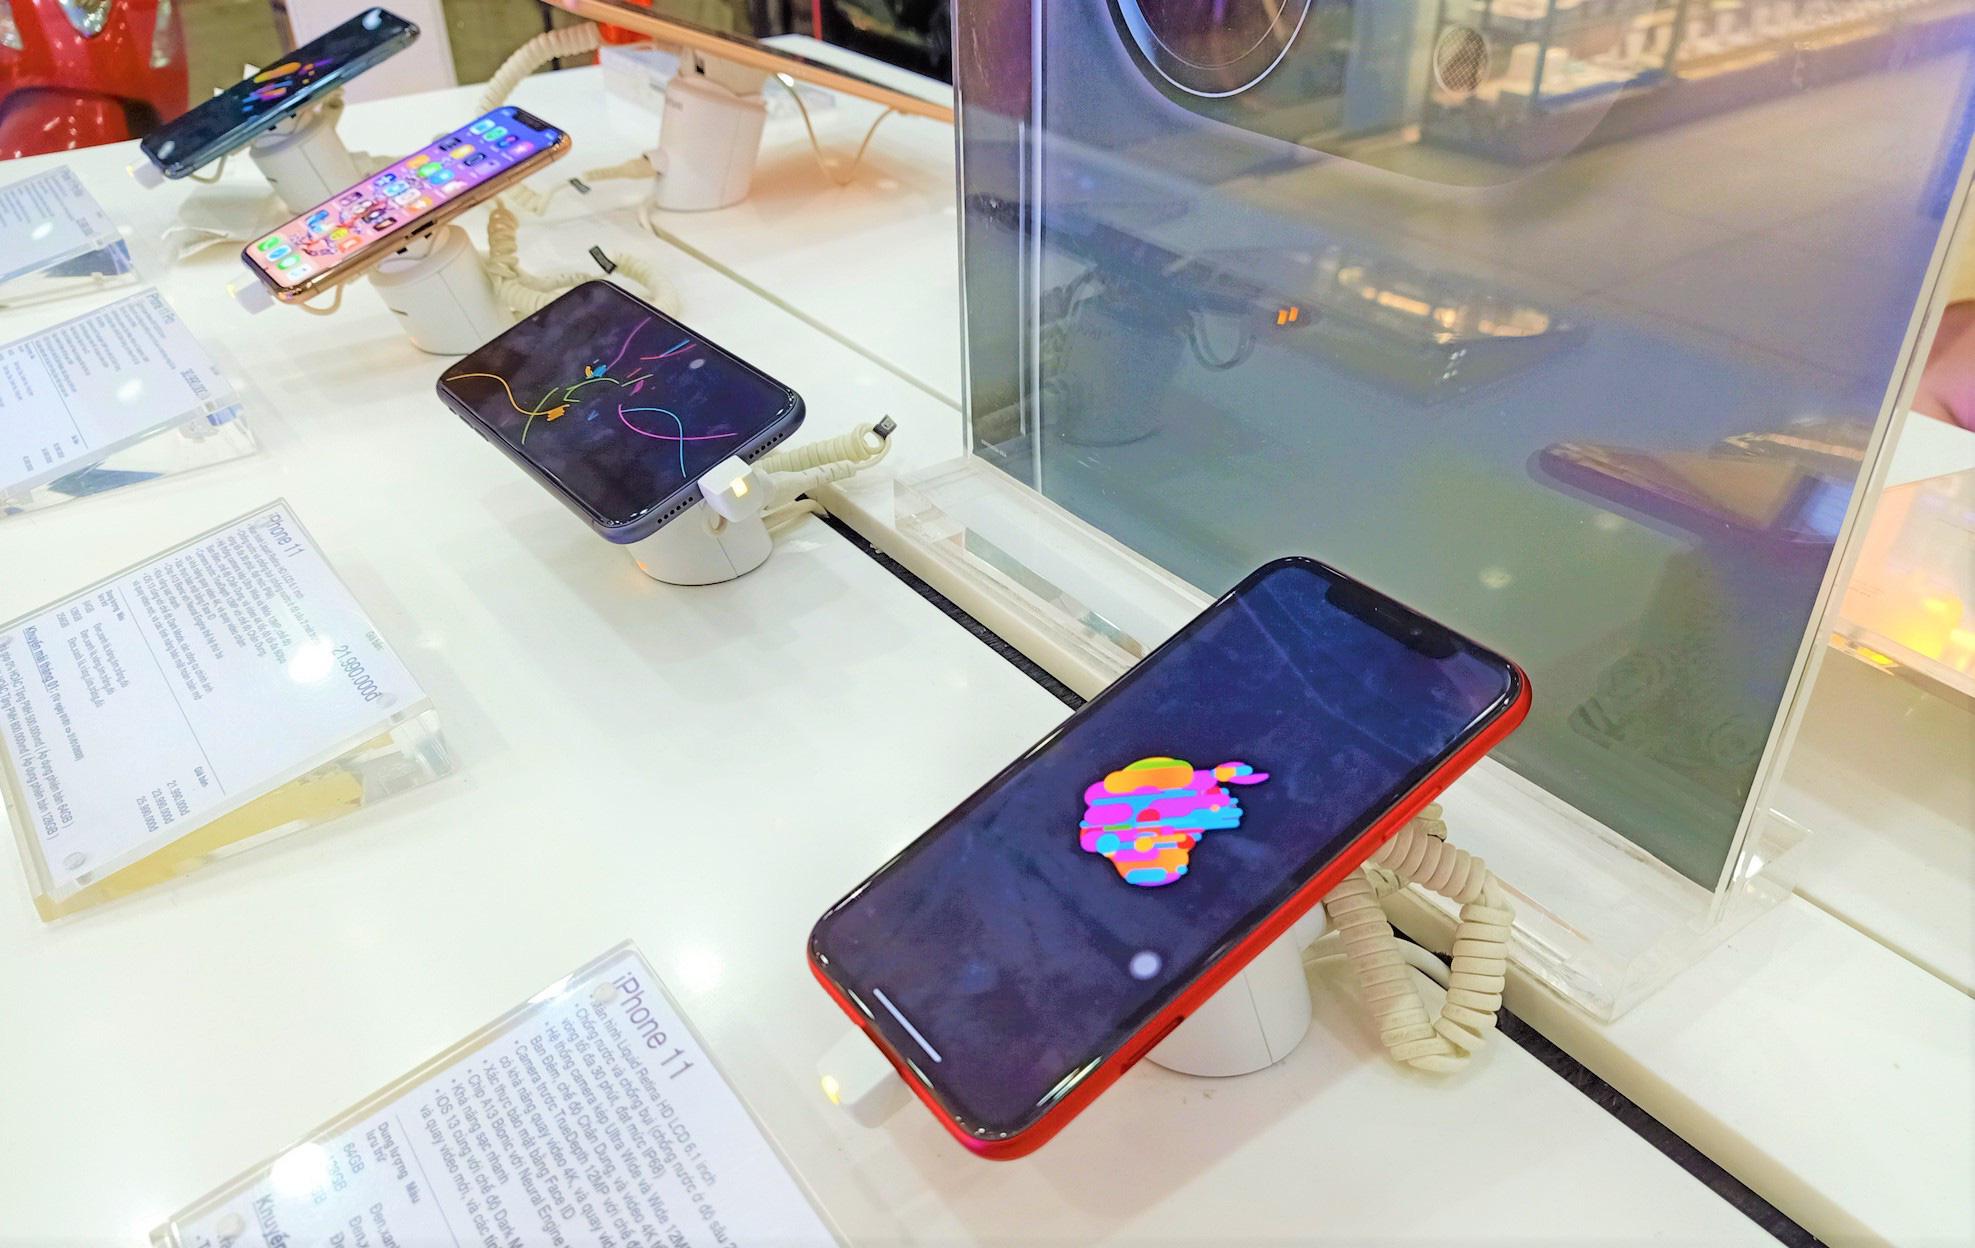 Điện thoại giảm giá tuần này: iPhone xách tay có giá mềm hơn - Ảnh 1.